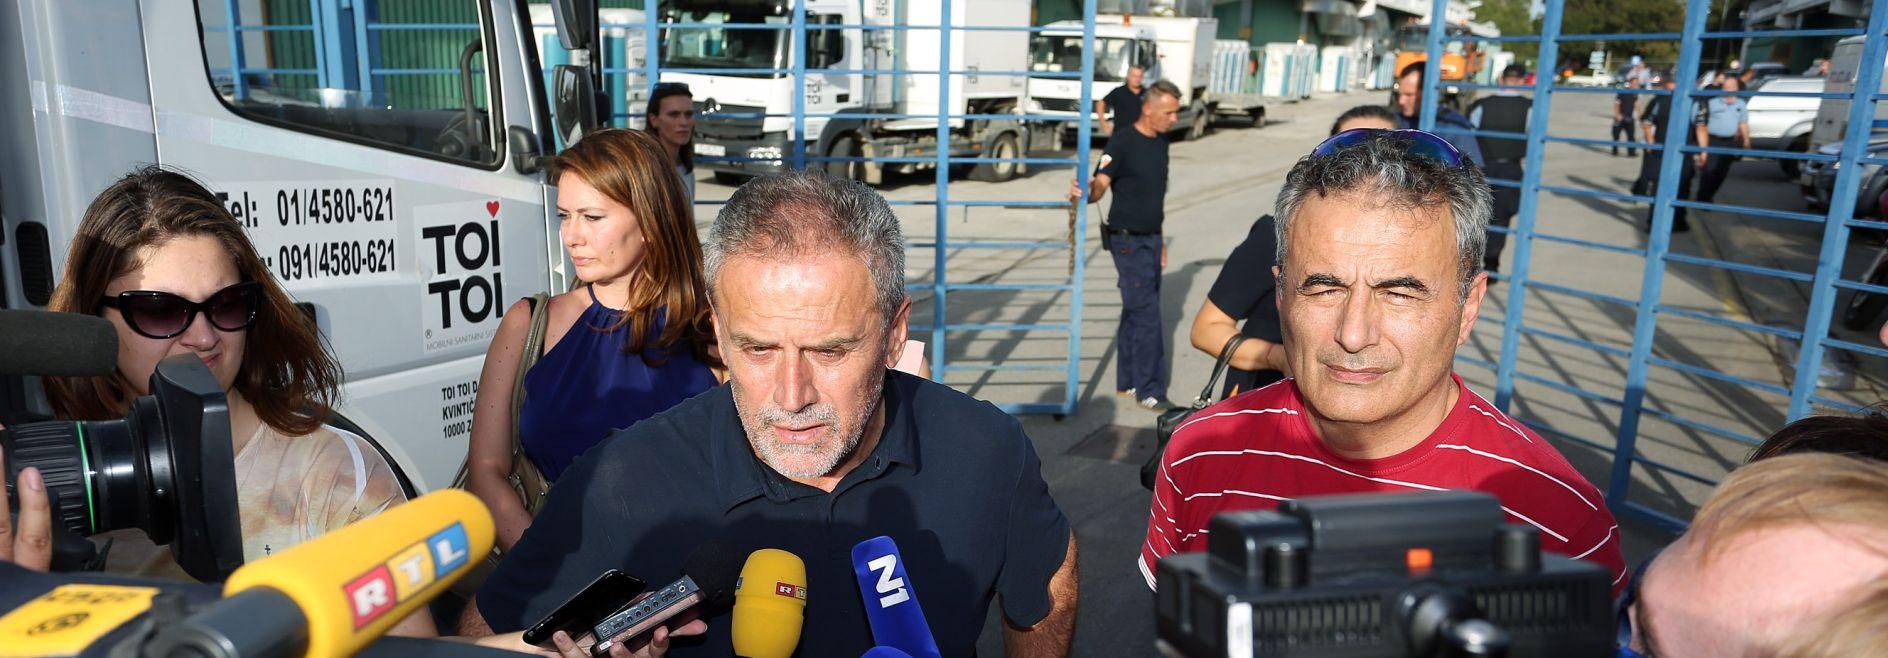 BANDIĆ: Zagreb spreman, na Velesajmu možemo primiti 1200 izbjeglica